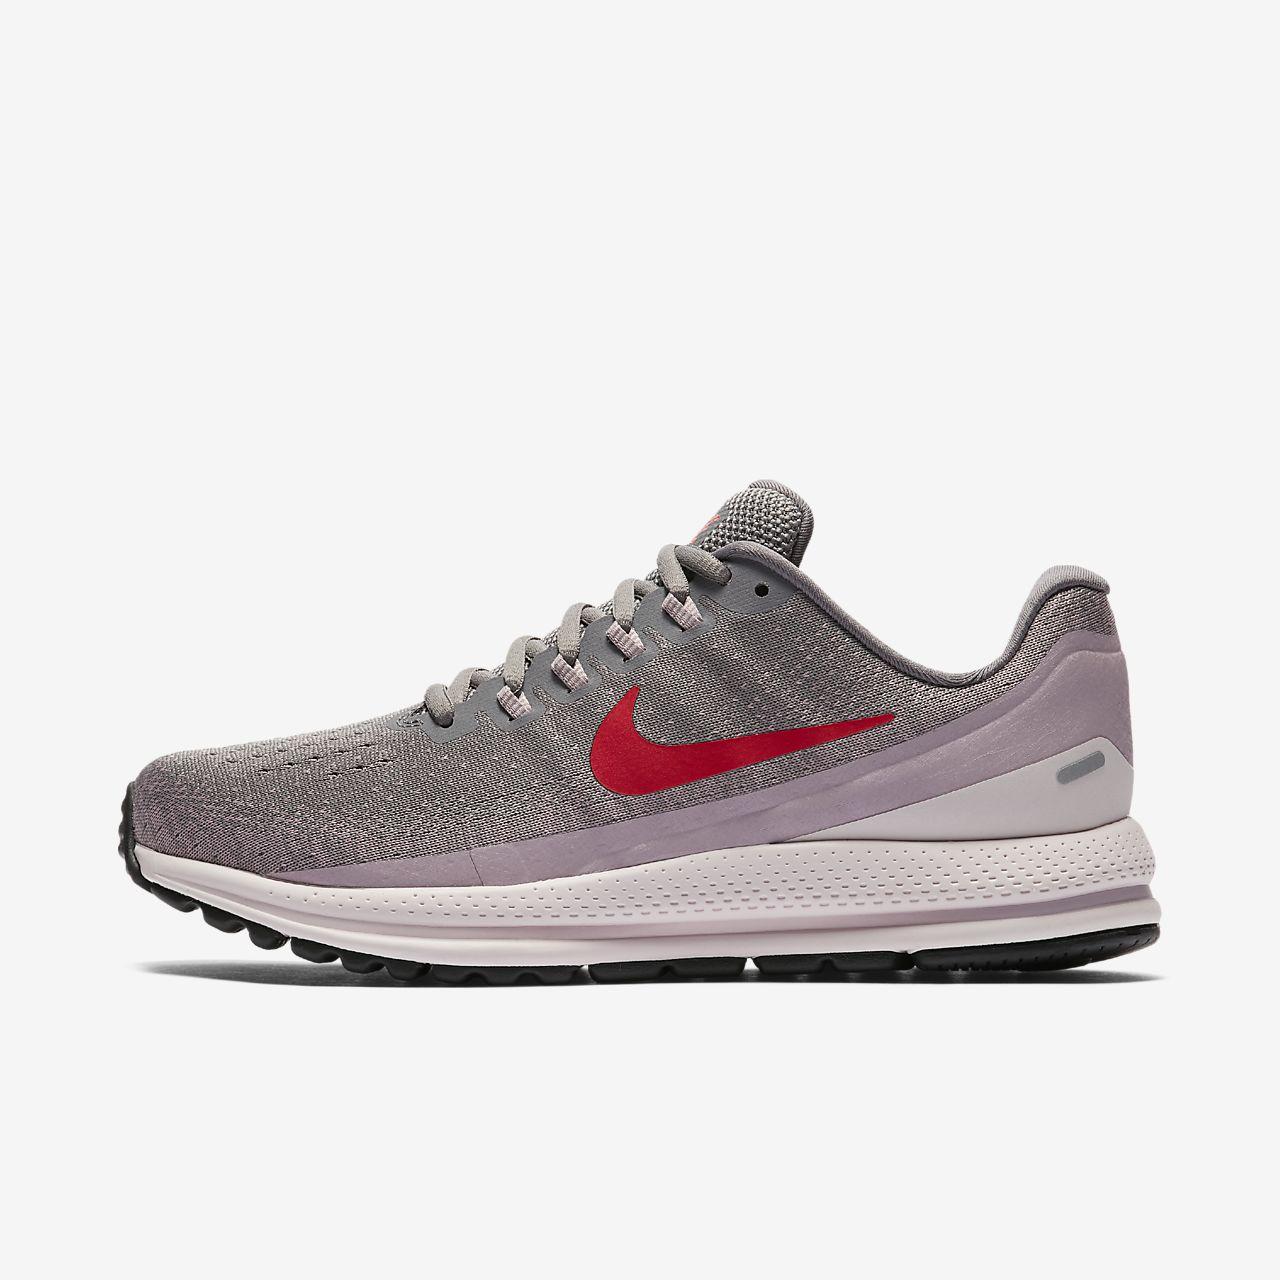 272c9c40a Calzado de running para mujer Nike Air Zoom Vomero 13. Nike.com MX